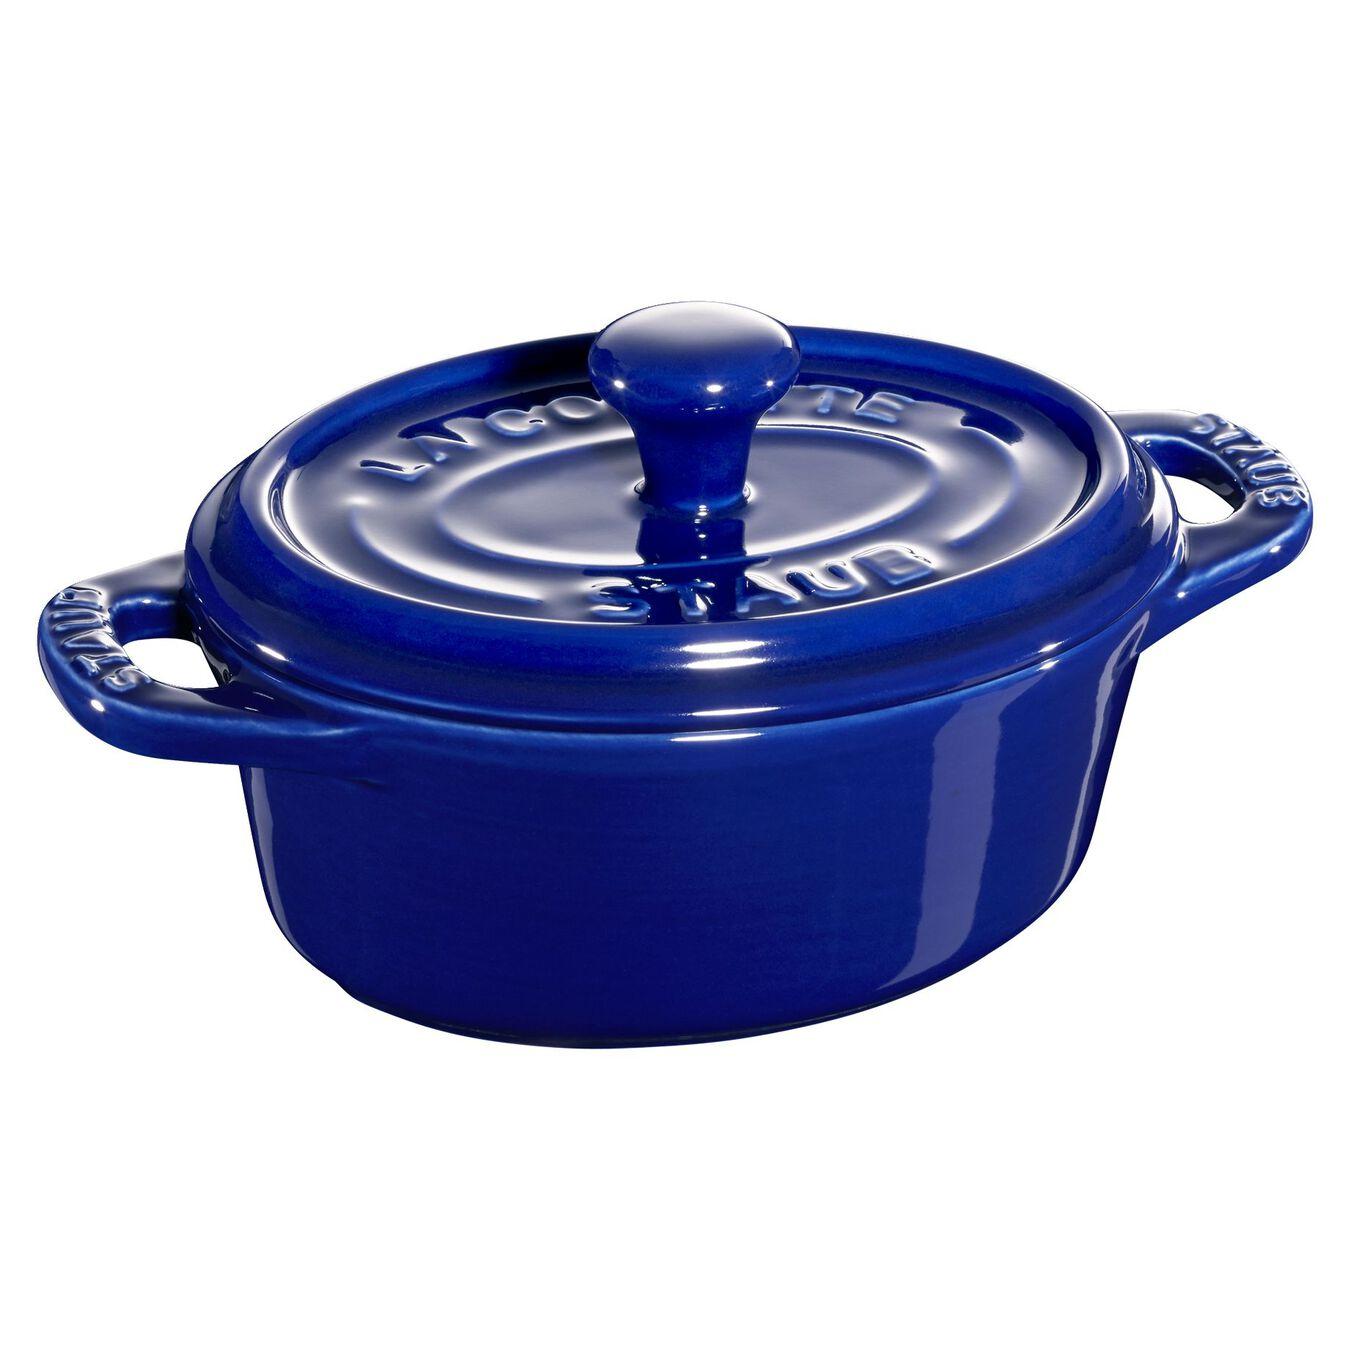 Mini seramik kap, 11 cm   Koyu Mavi   Oval   Seramik,,large 1